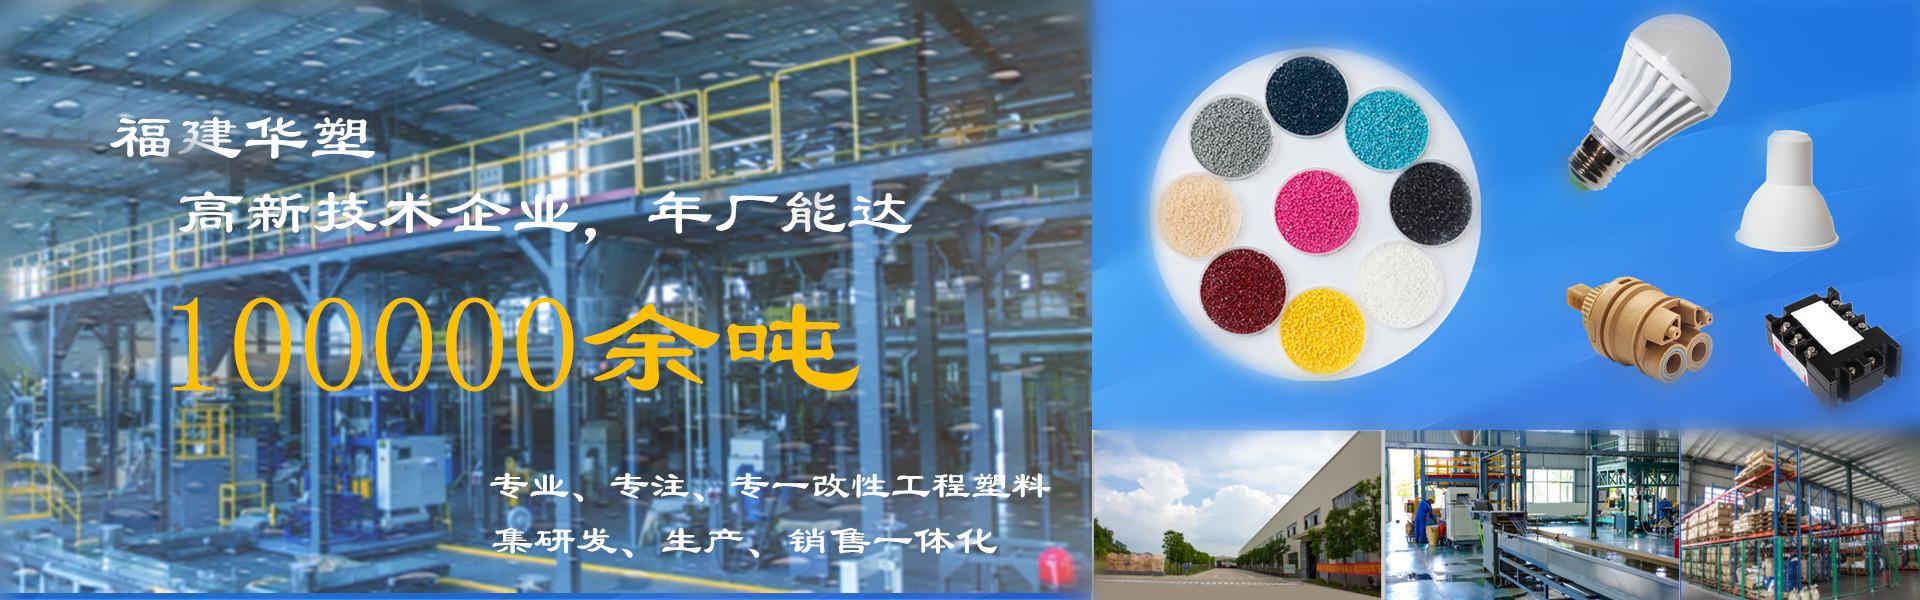 工程塑料_PC/ABS合金塑料_PPO改性塑料_PP改性塑料_价格_厂家_供应商